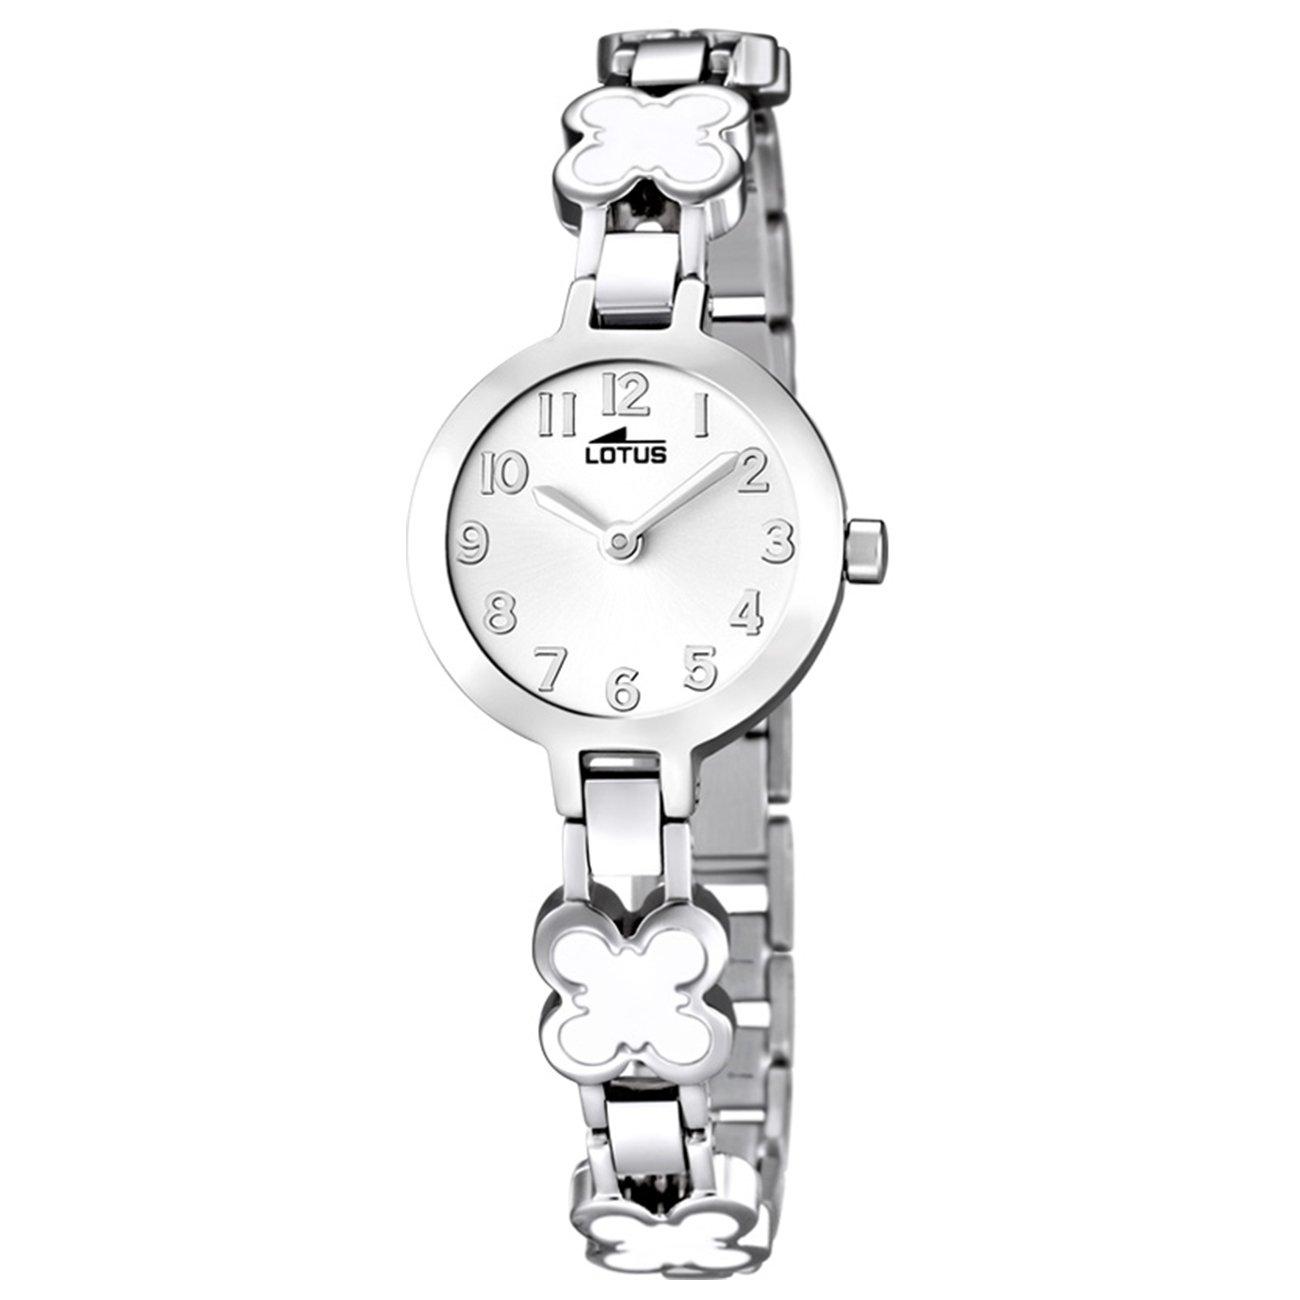 ad2098d93695 Lotus Reloj Analógico para Niñas de Cuarzo con Correa en Acero Inoxidable  15828 1  Amazon.es  Relojes